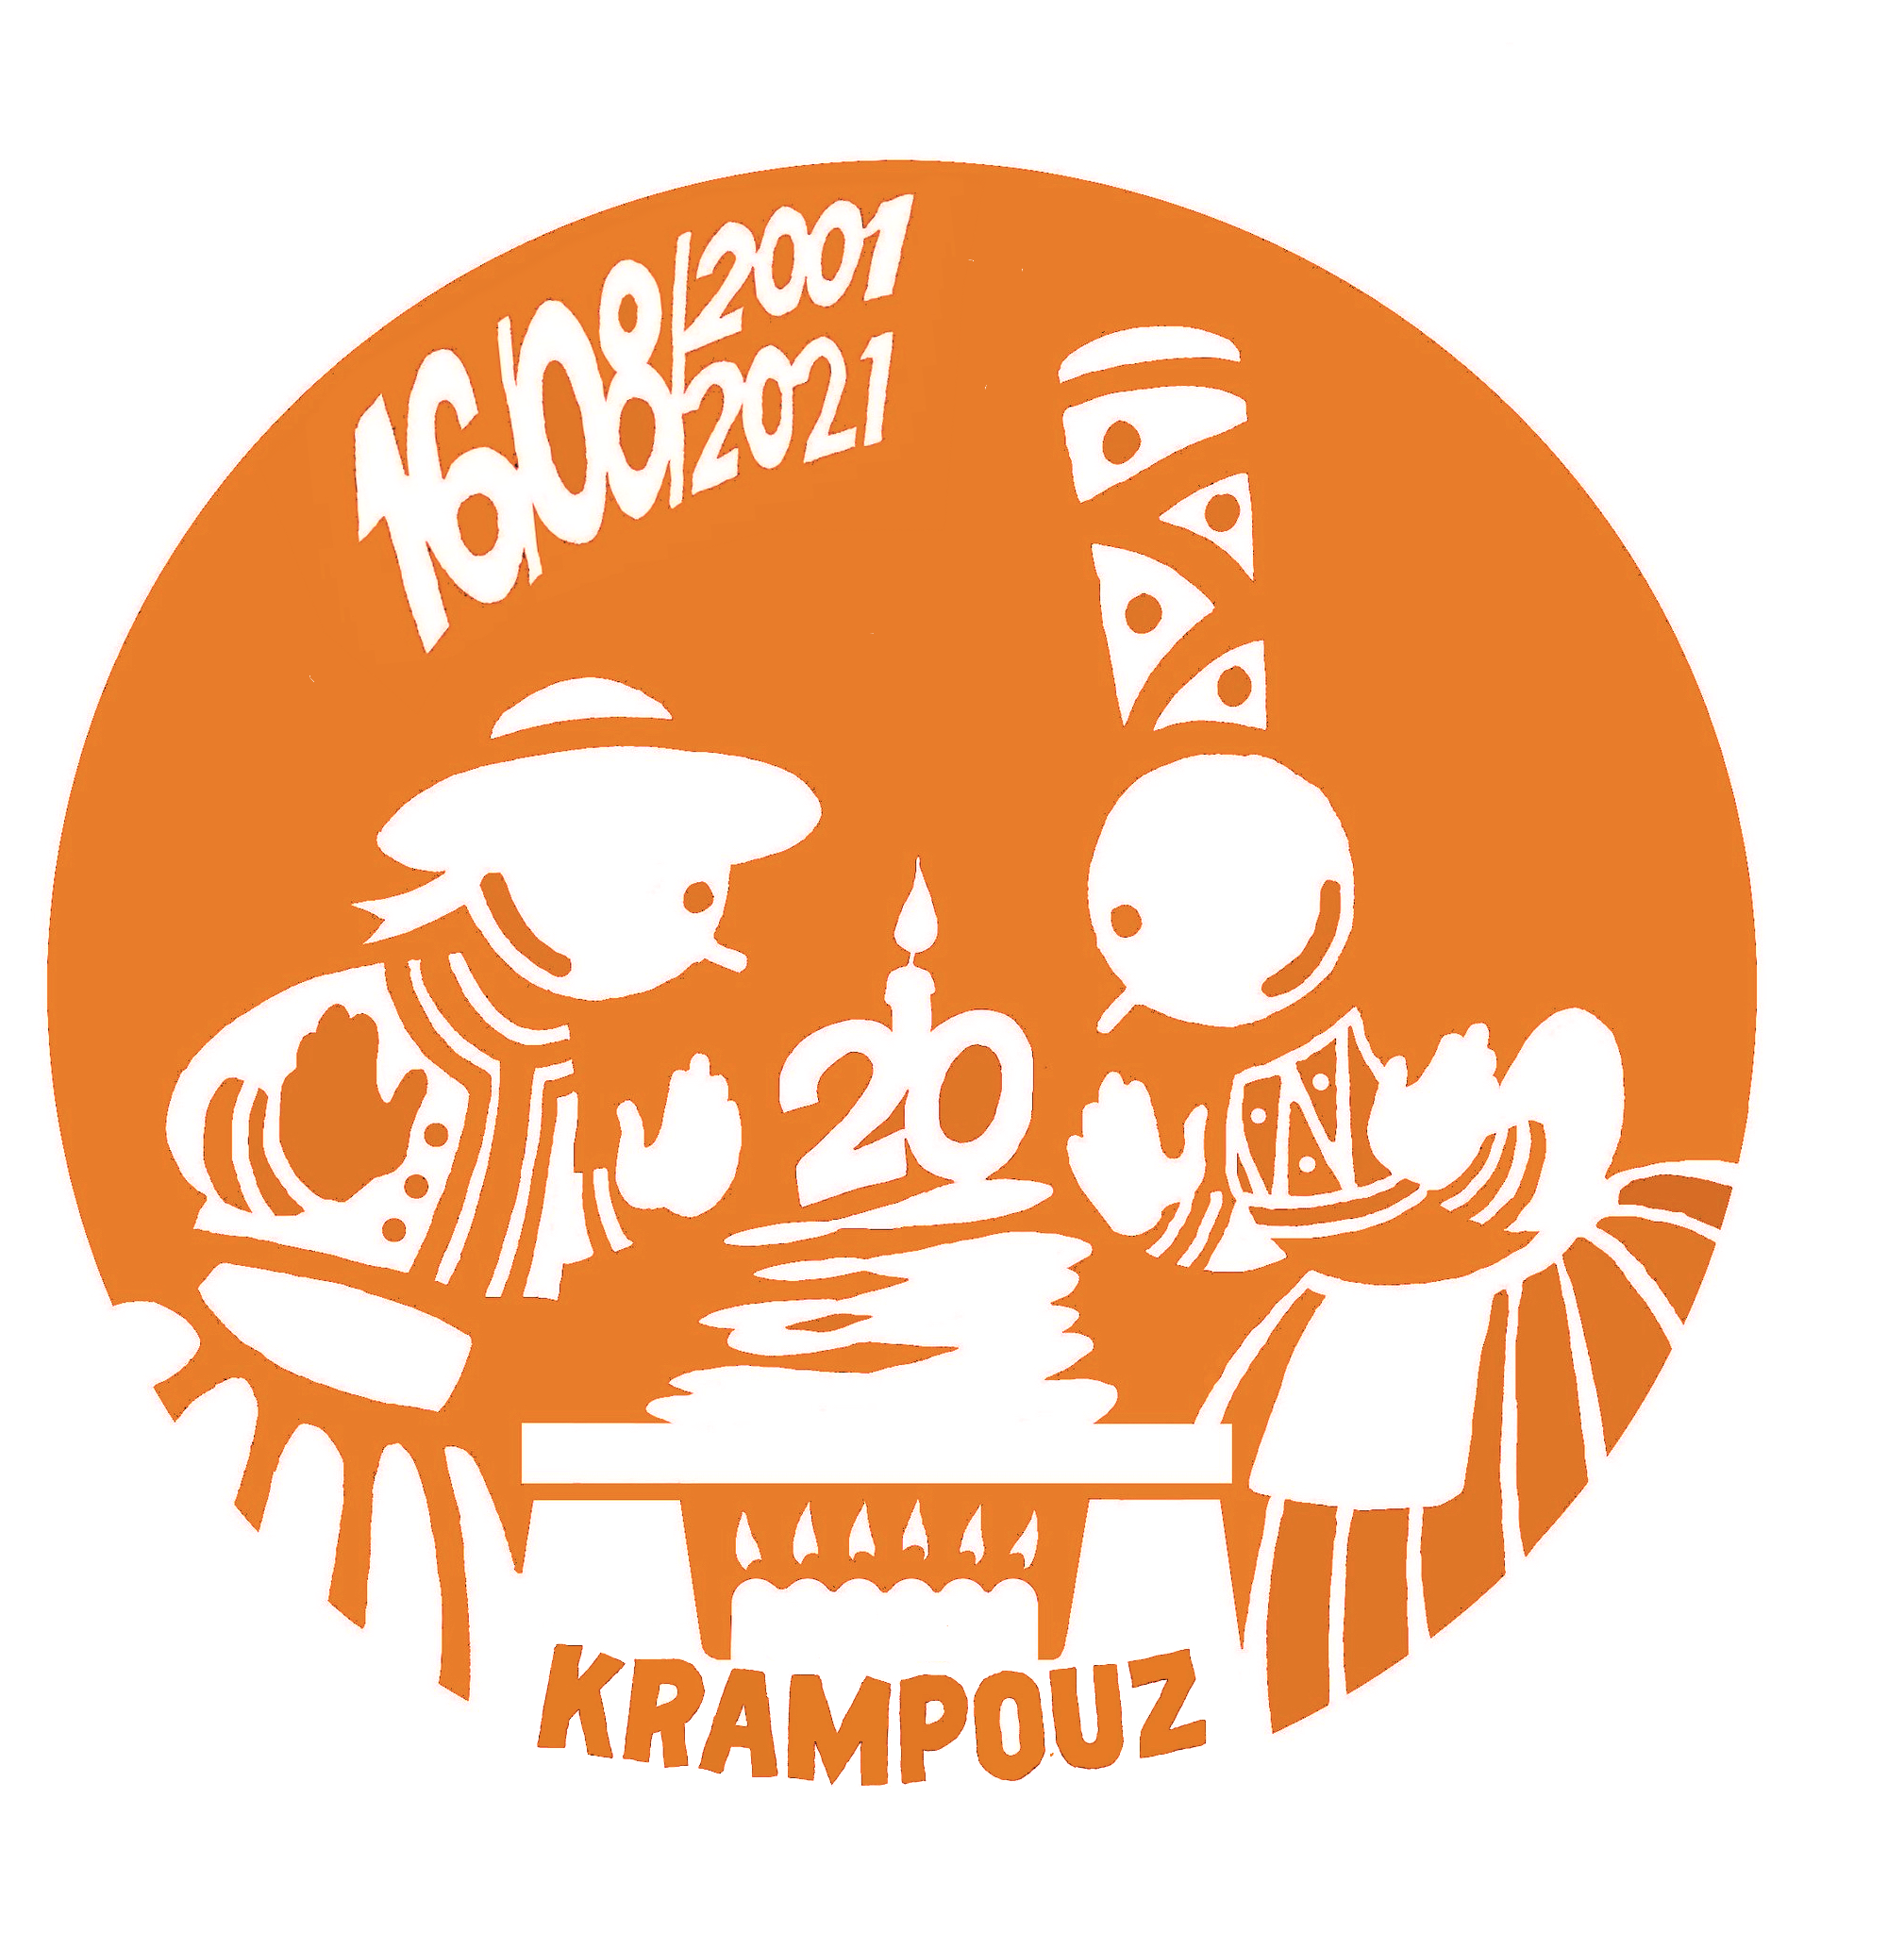 Visuel souvenirs des 20 ans de Krampouz